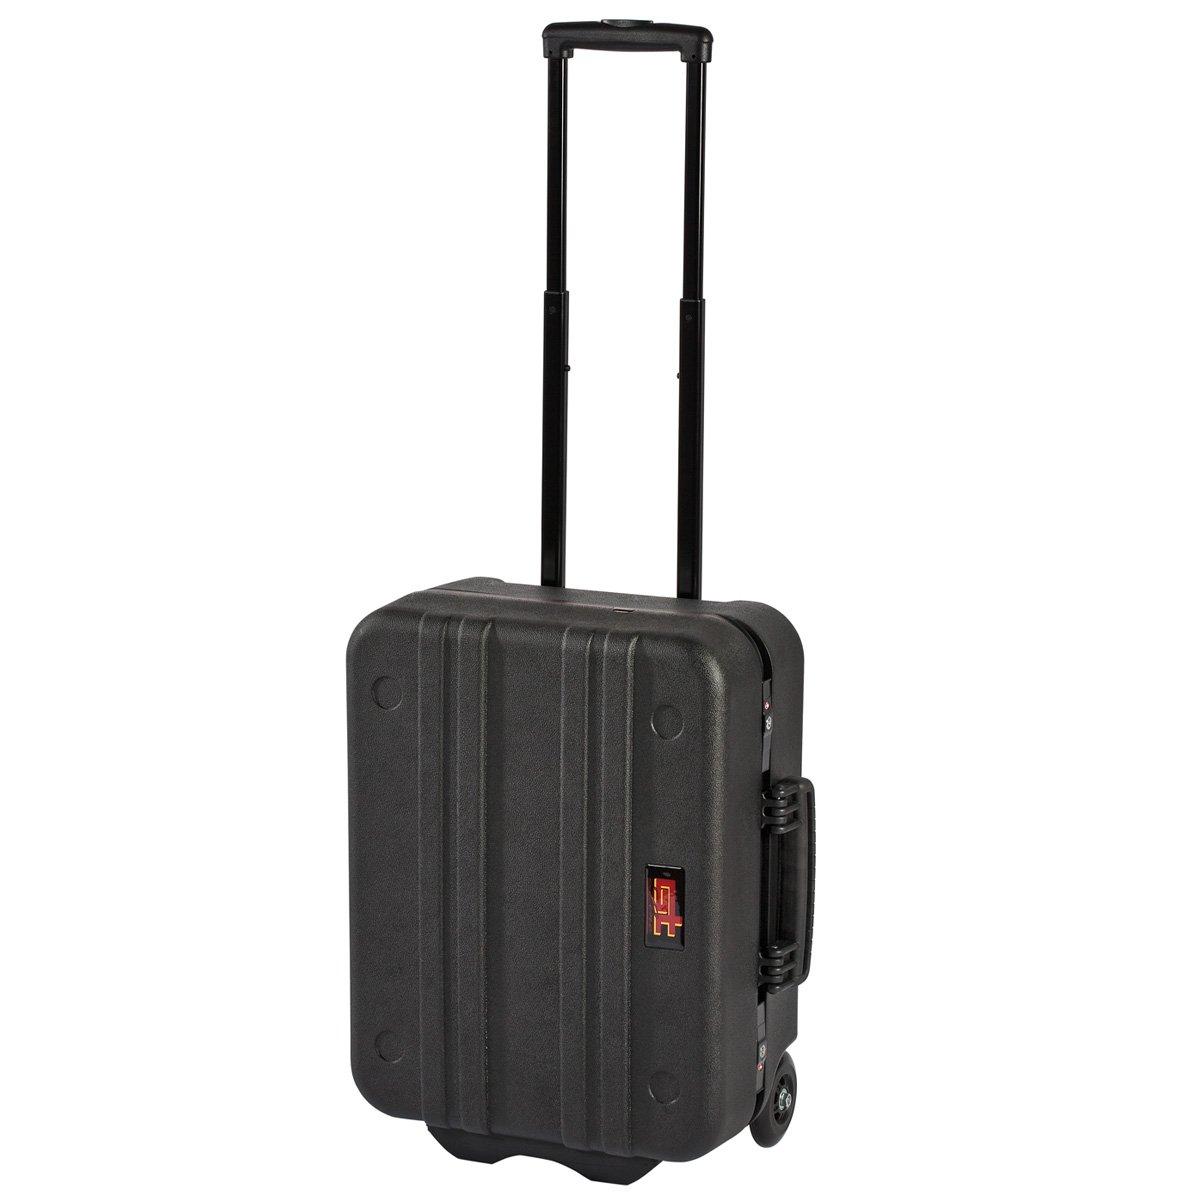 GT Line N.M.WHEELSPEL - Maleta portaherramientas (polietileno con elásticos, interior de 453 x 345 x 185 mm), color negro: Amazon.es: Bricolaje y ...